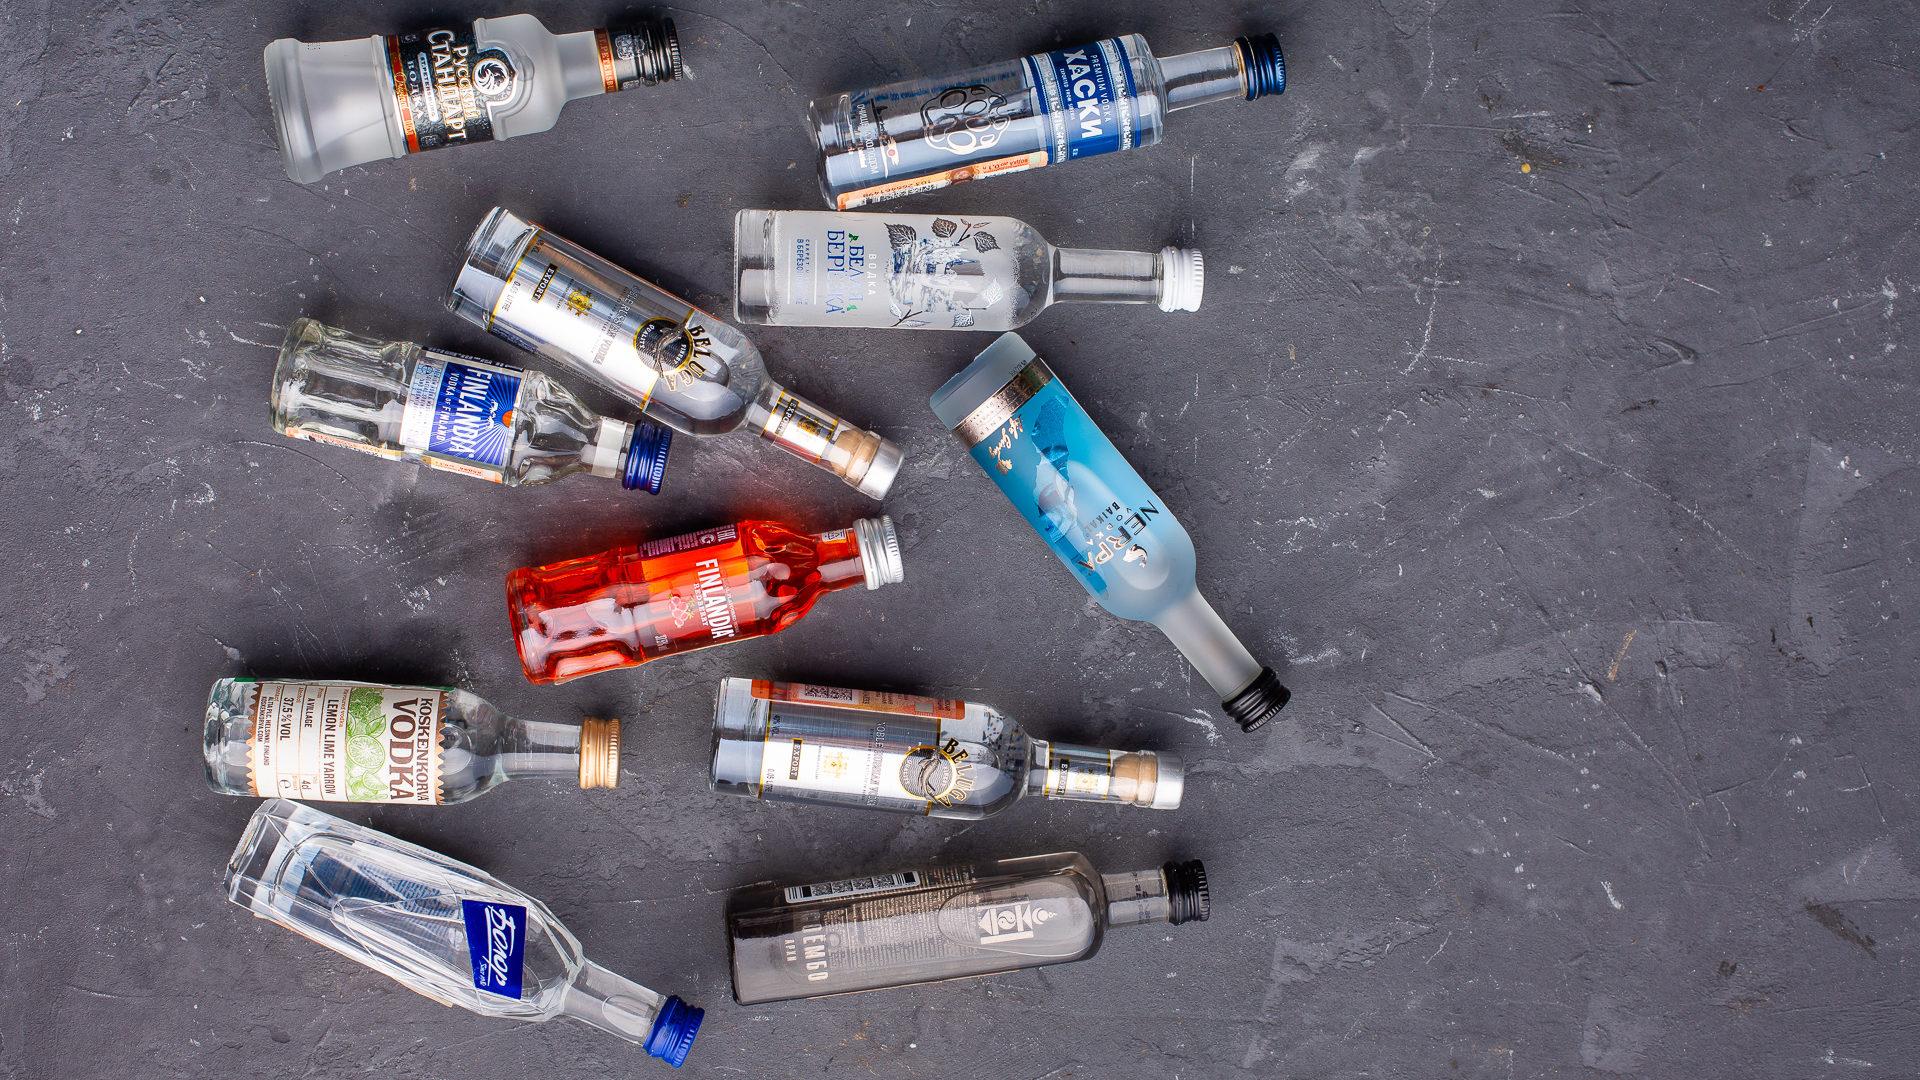 Фотосъемка напитков Сеть фирменных алкомаркетов Beerman